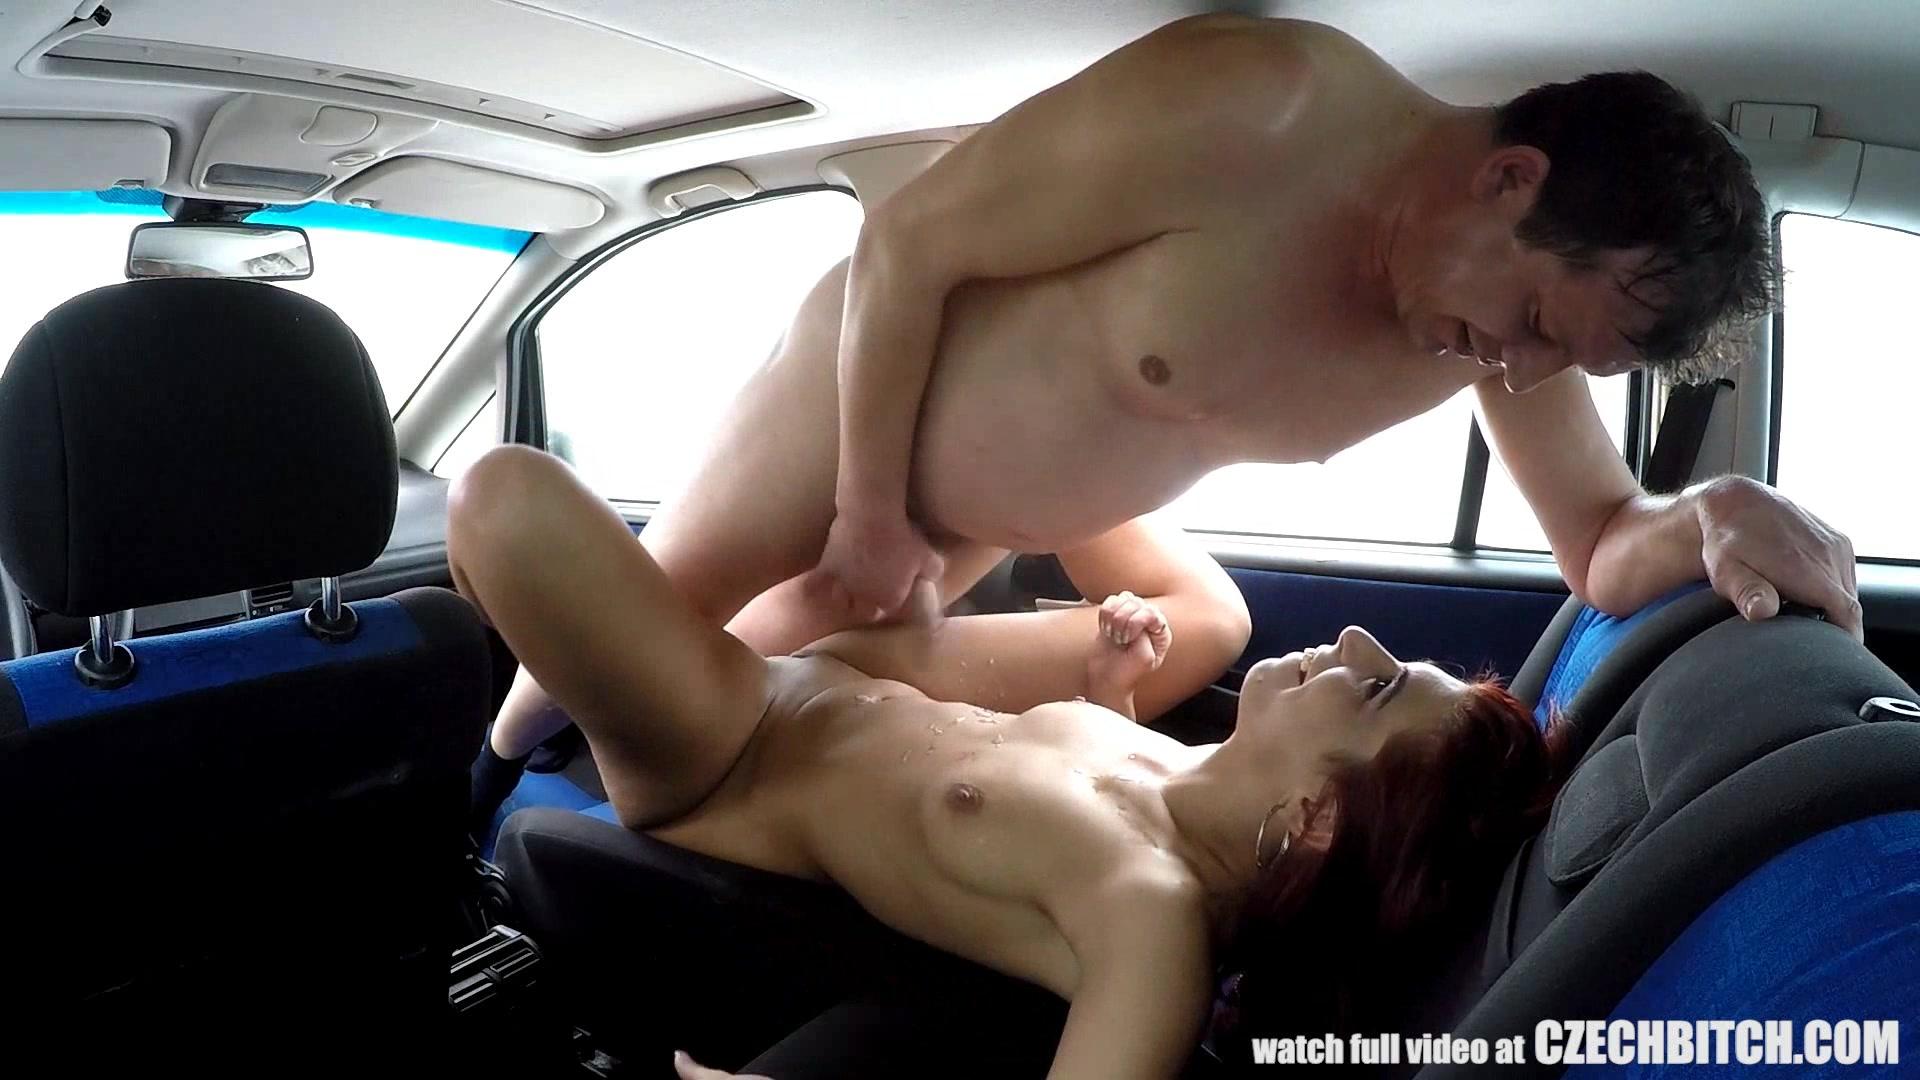 Заказать шлюху в автомобиль